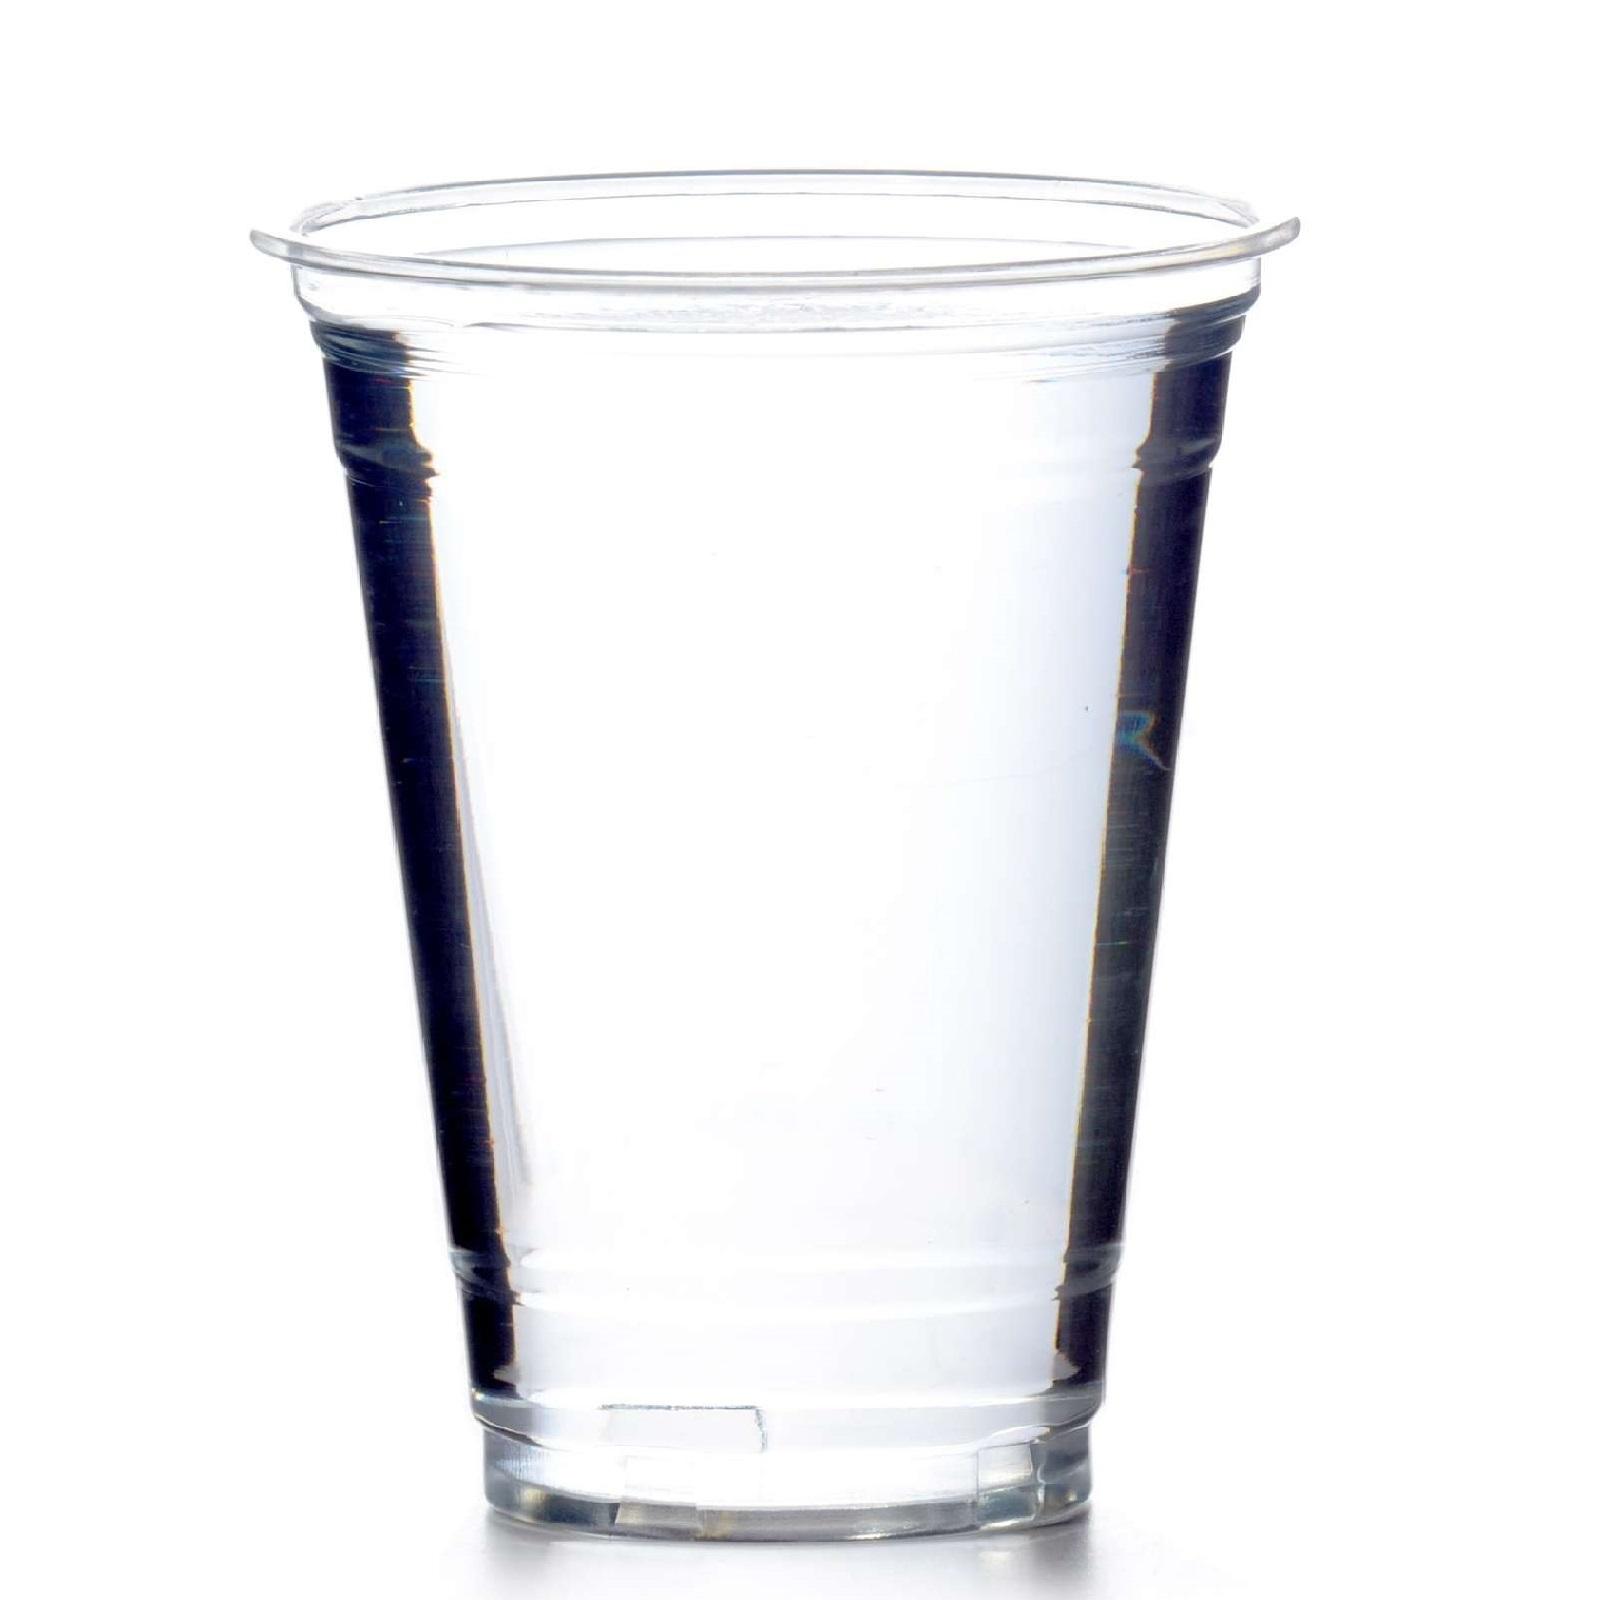 trinkbecher pet 0 4 l glasklar plastikbecher clear cups. Black Bedroom Furniture Sets. Home Design Ideas